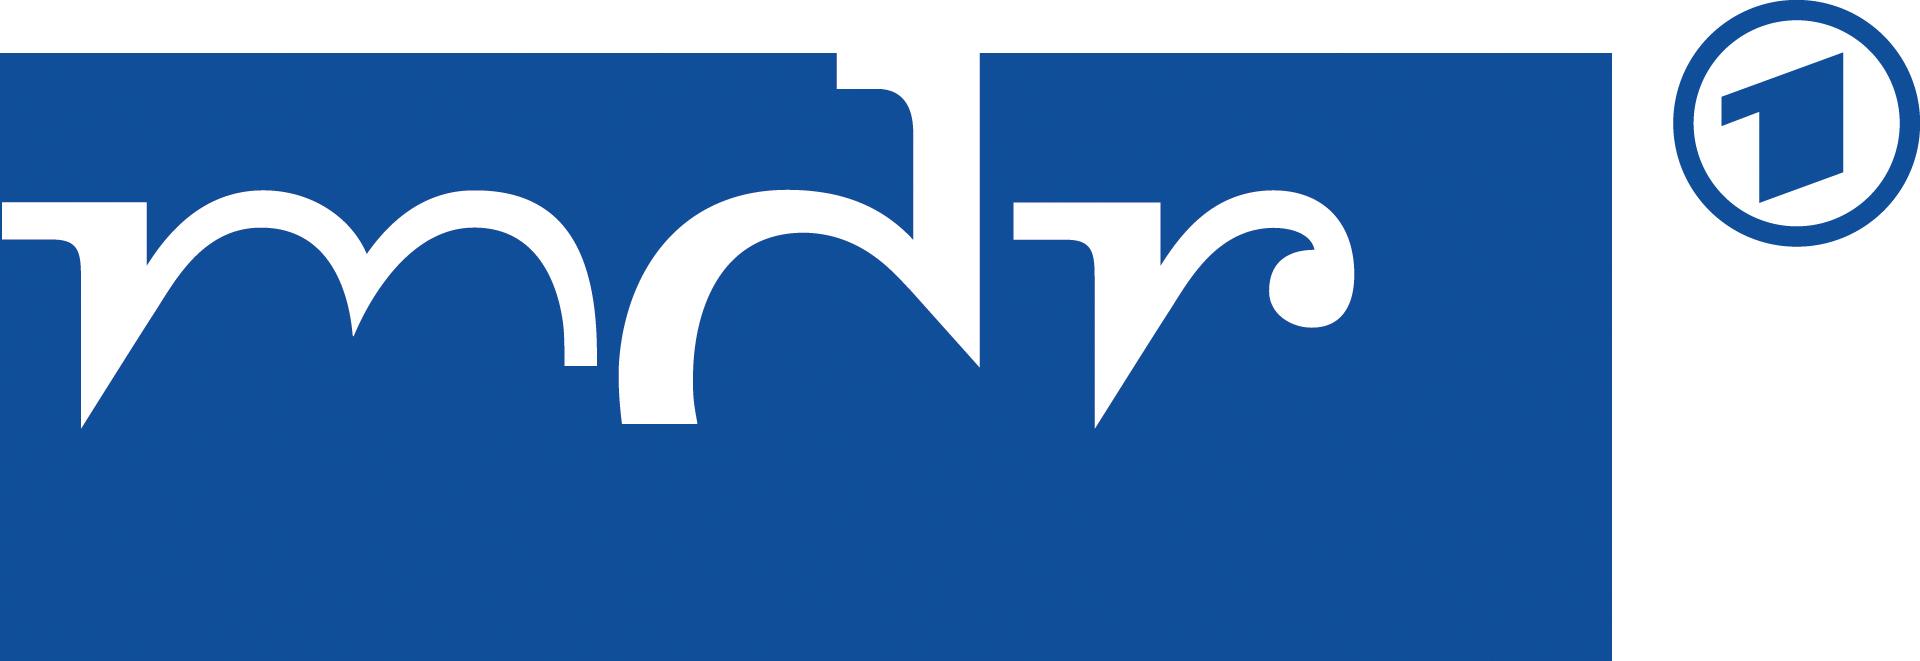 MDR Fernsehen